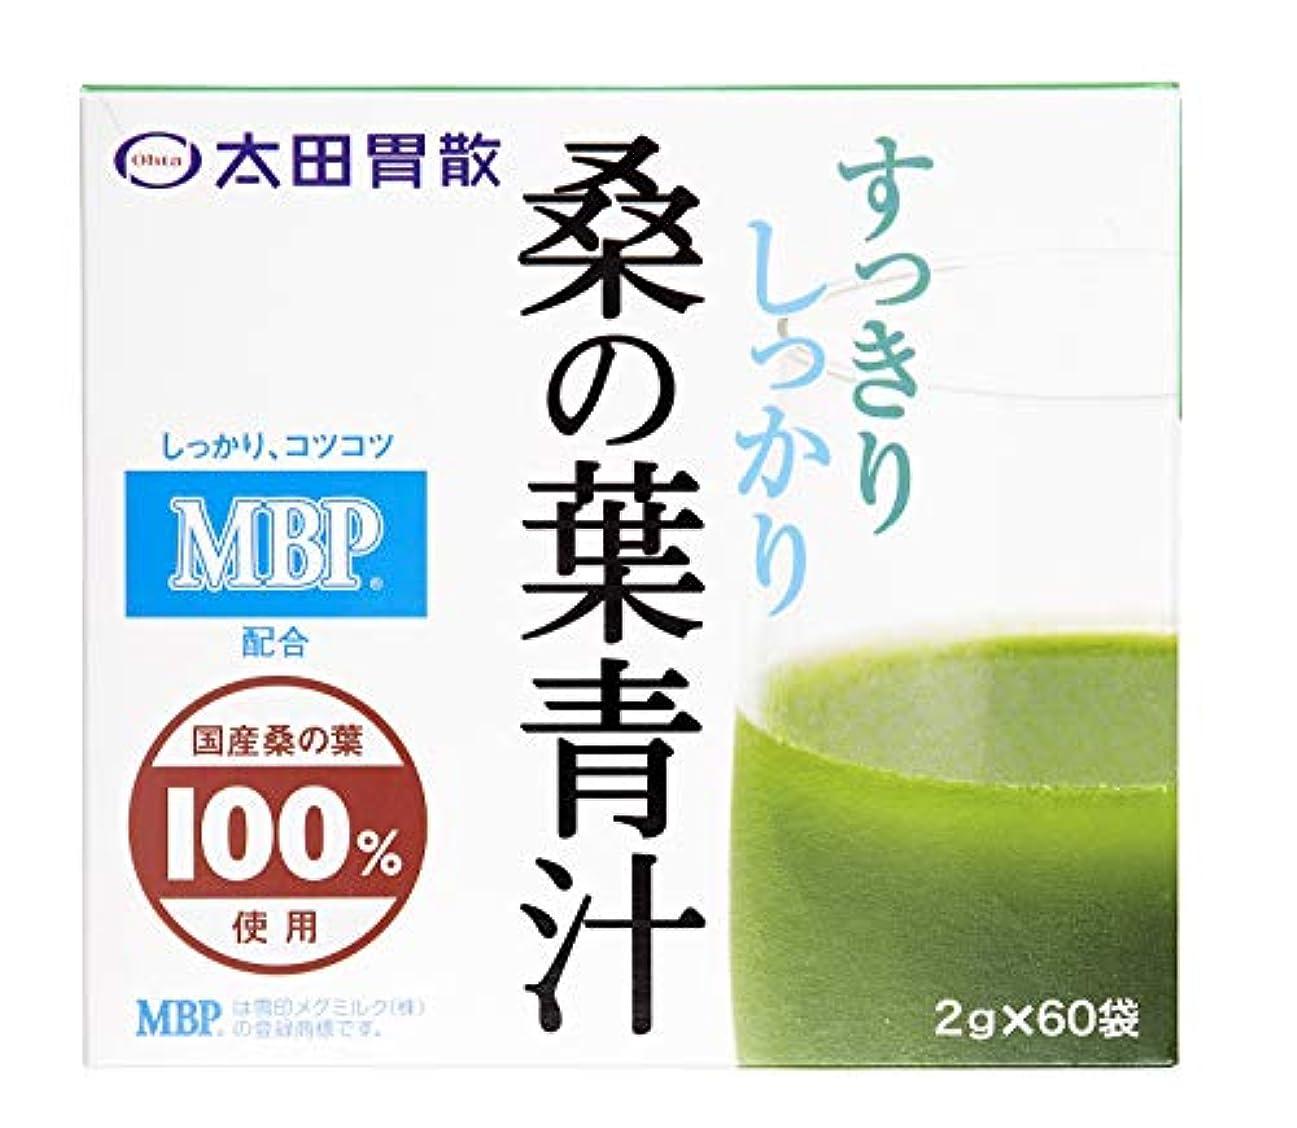 奇妙な用心深い実現可能性太田胃散 桑の葉青汁 60袋入り(2g×60袋)